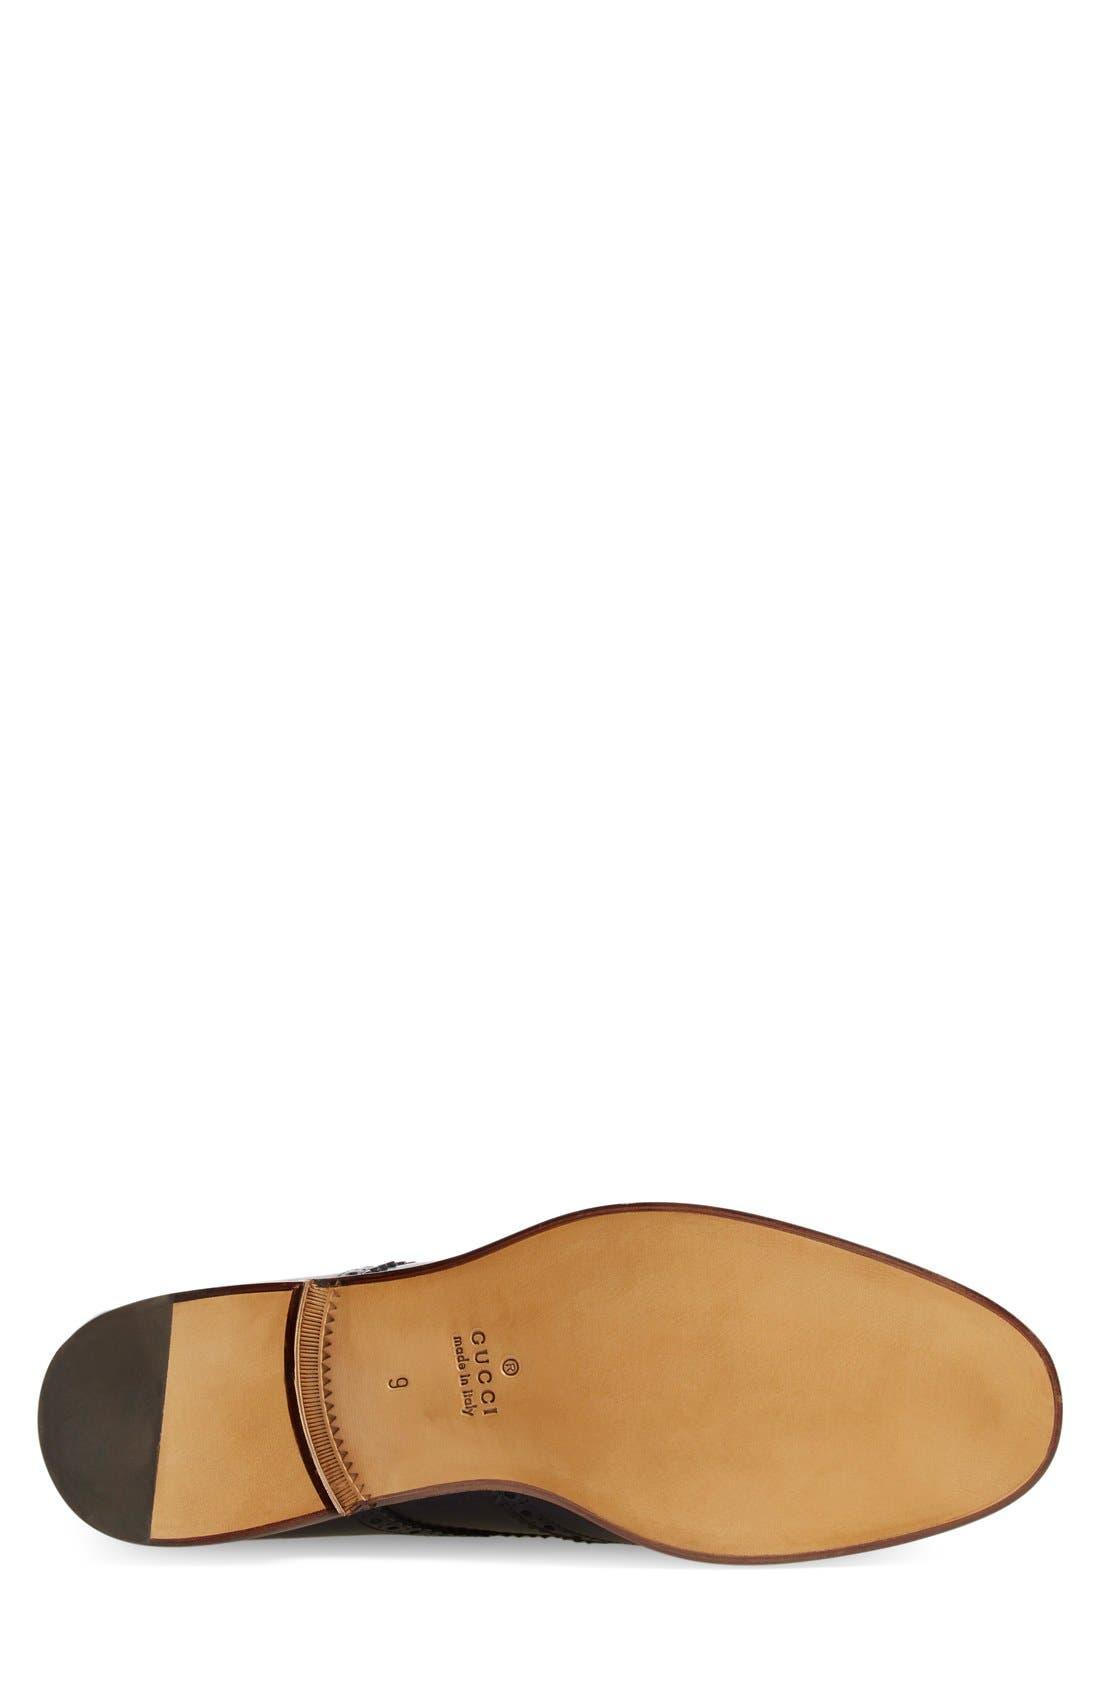 Double Monk Strap Wingtip Shoe,                             Alternate thumbnail 2, color,                             473